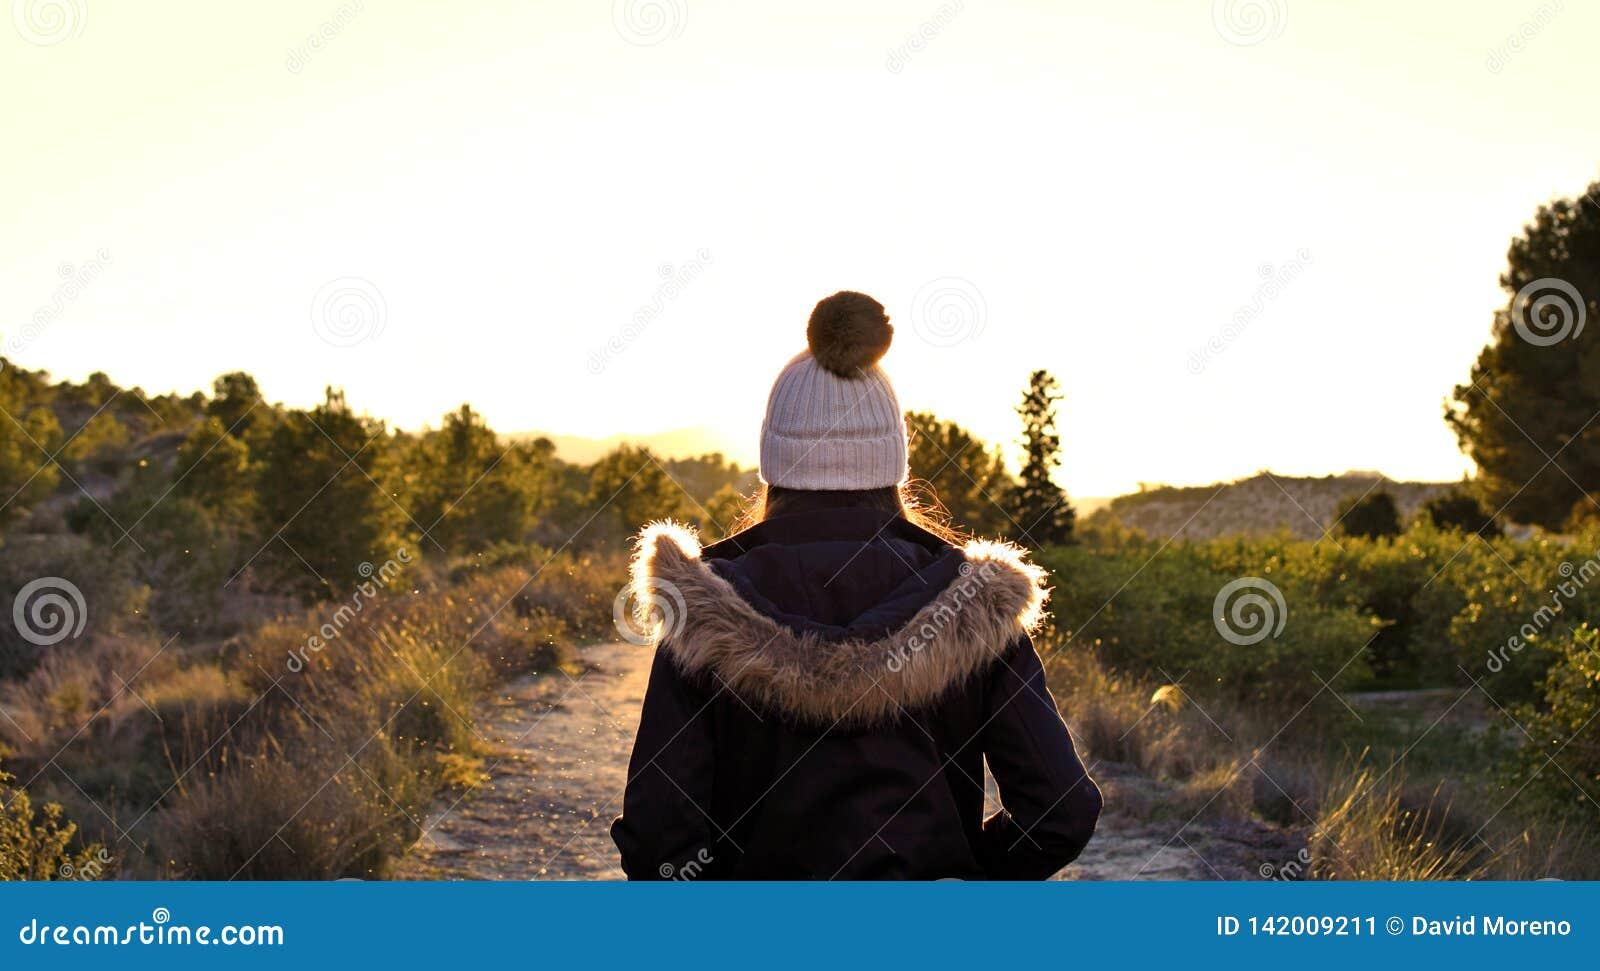 Menina caucasiano bonita fora na natureza no tempo do dia